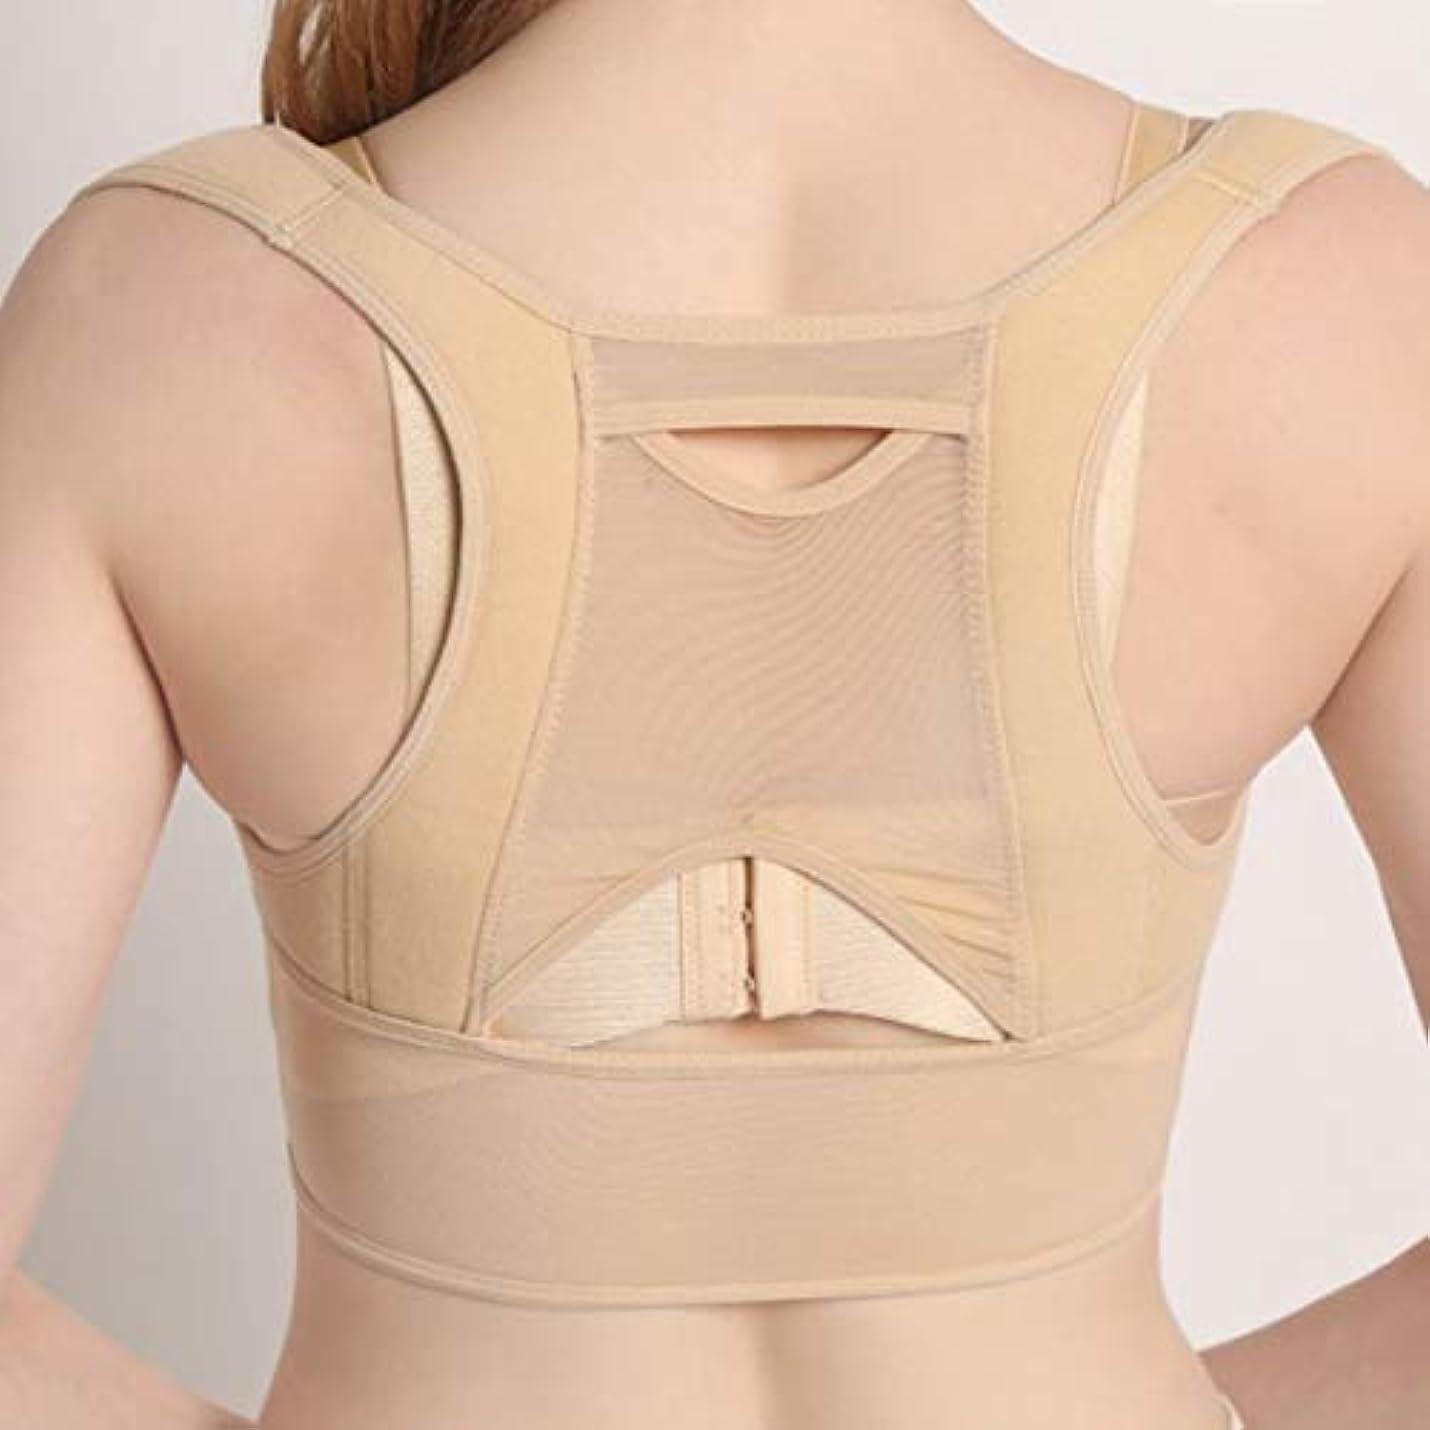 乳肥満一致通気性のある女性の背中の姿勢矯正コルセット整形外科の肩の背骨の姿勢矯正腰椎サポート - ベージュホワイトM